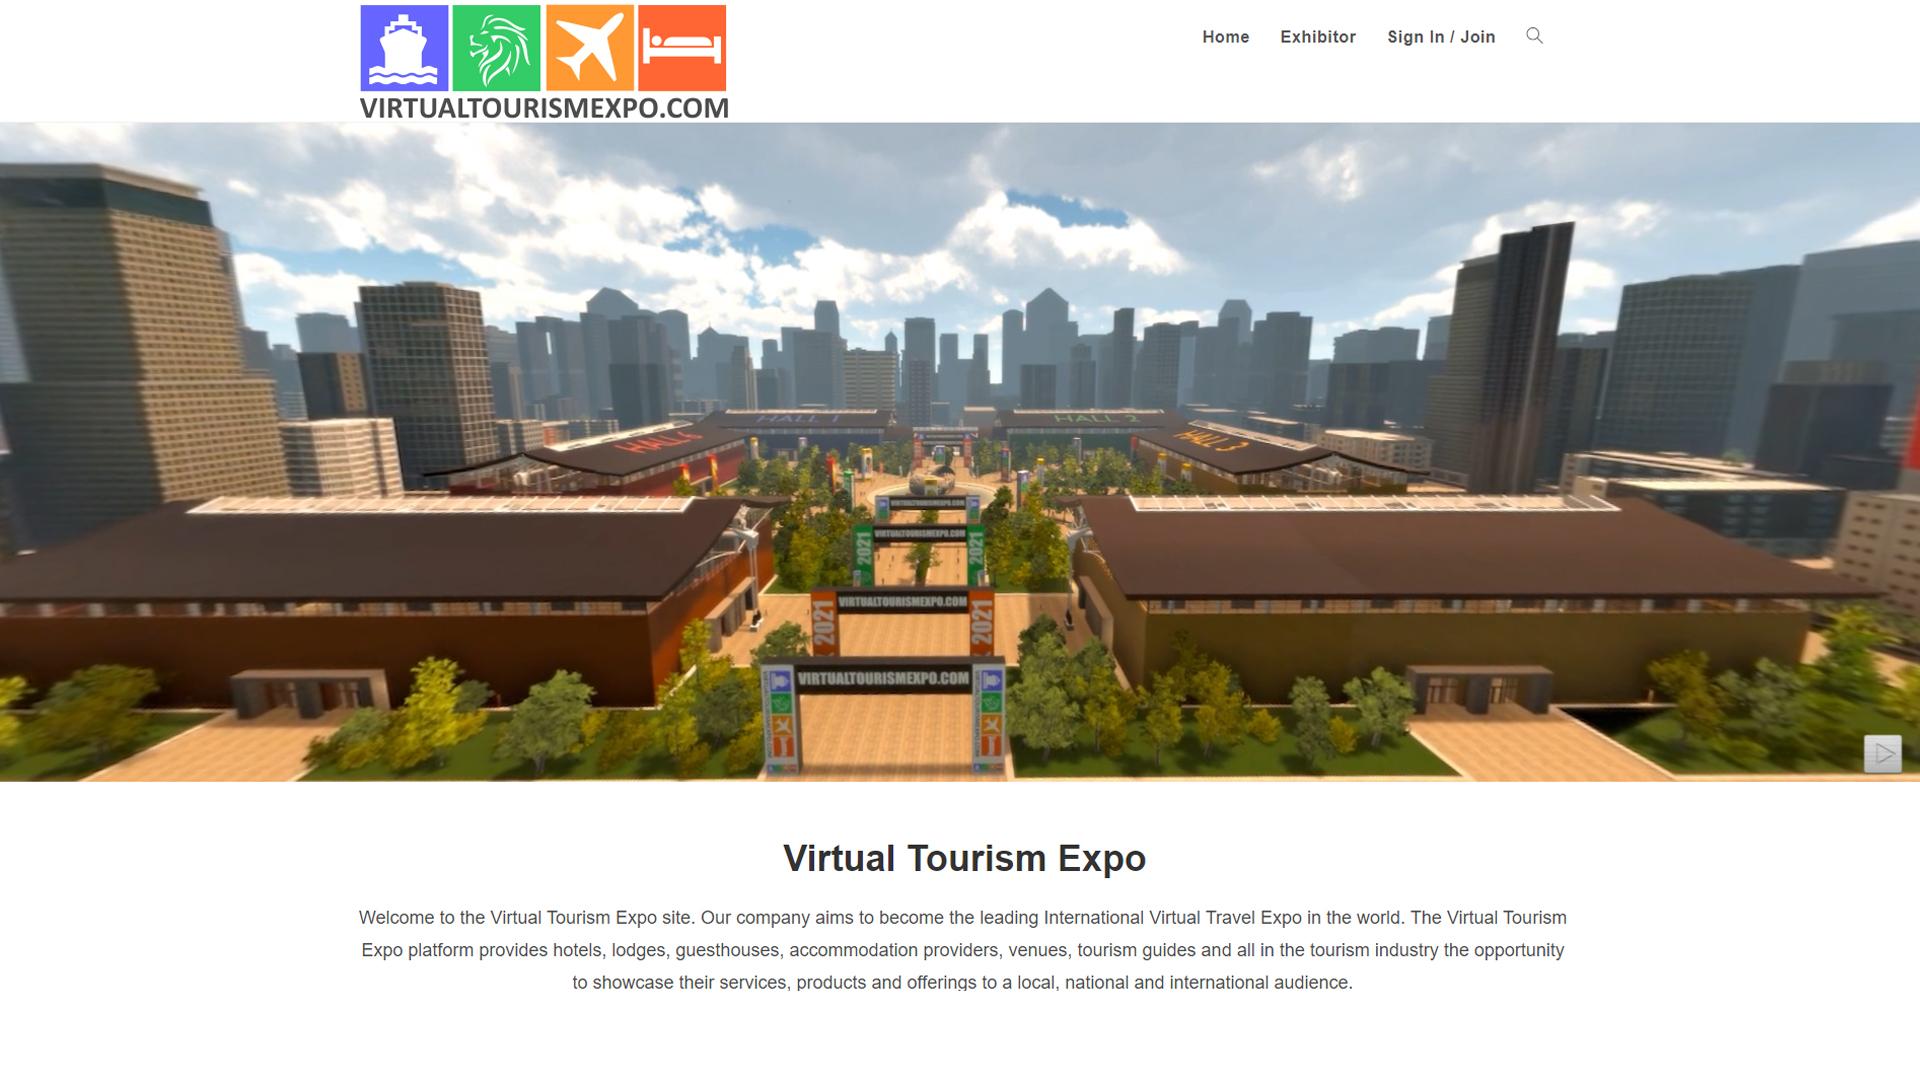 virtual tourism expo